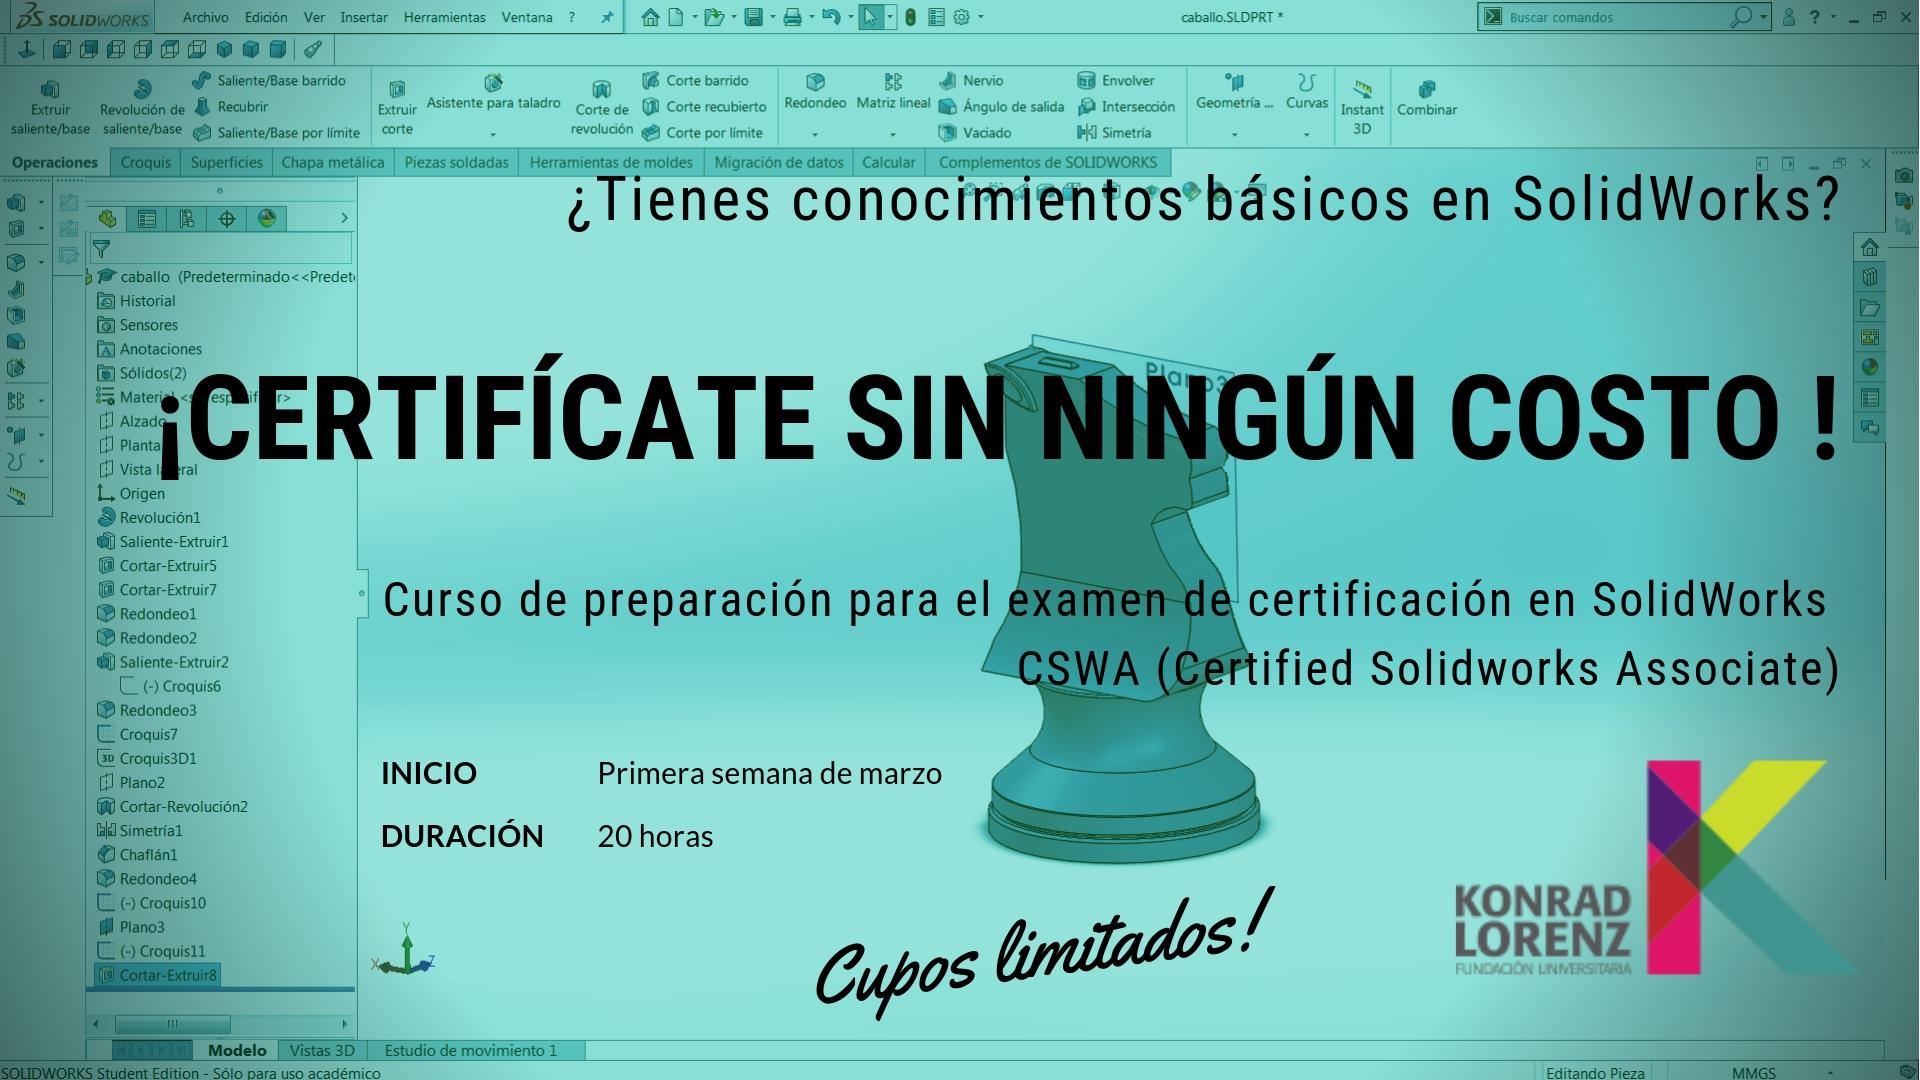 Curso de preparación para el examen de certificación en SolidWorks (CSWA)